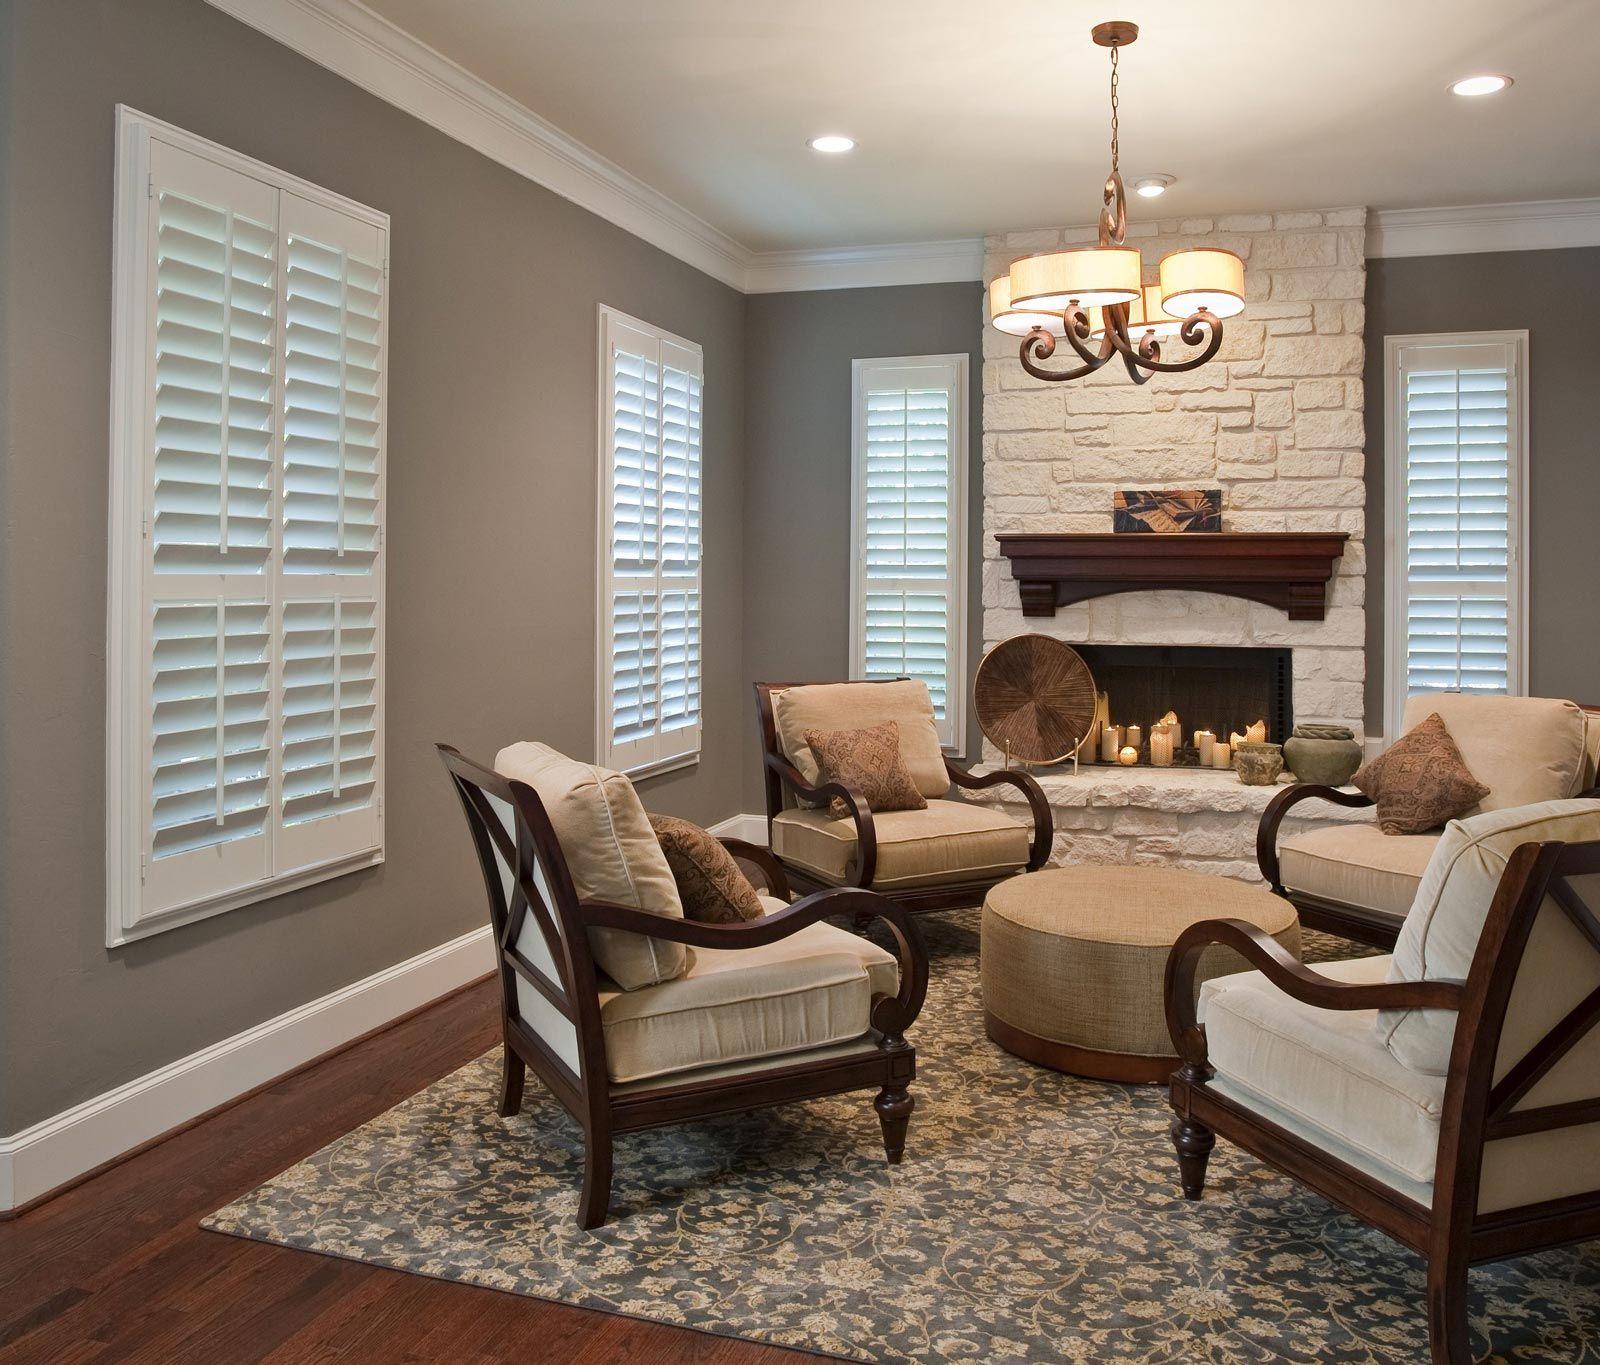 60 Shutters Ideas Shutters Norman Shutters Wood Shutters #plantation #shutters #in #living #room